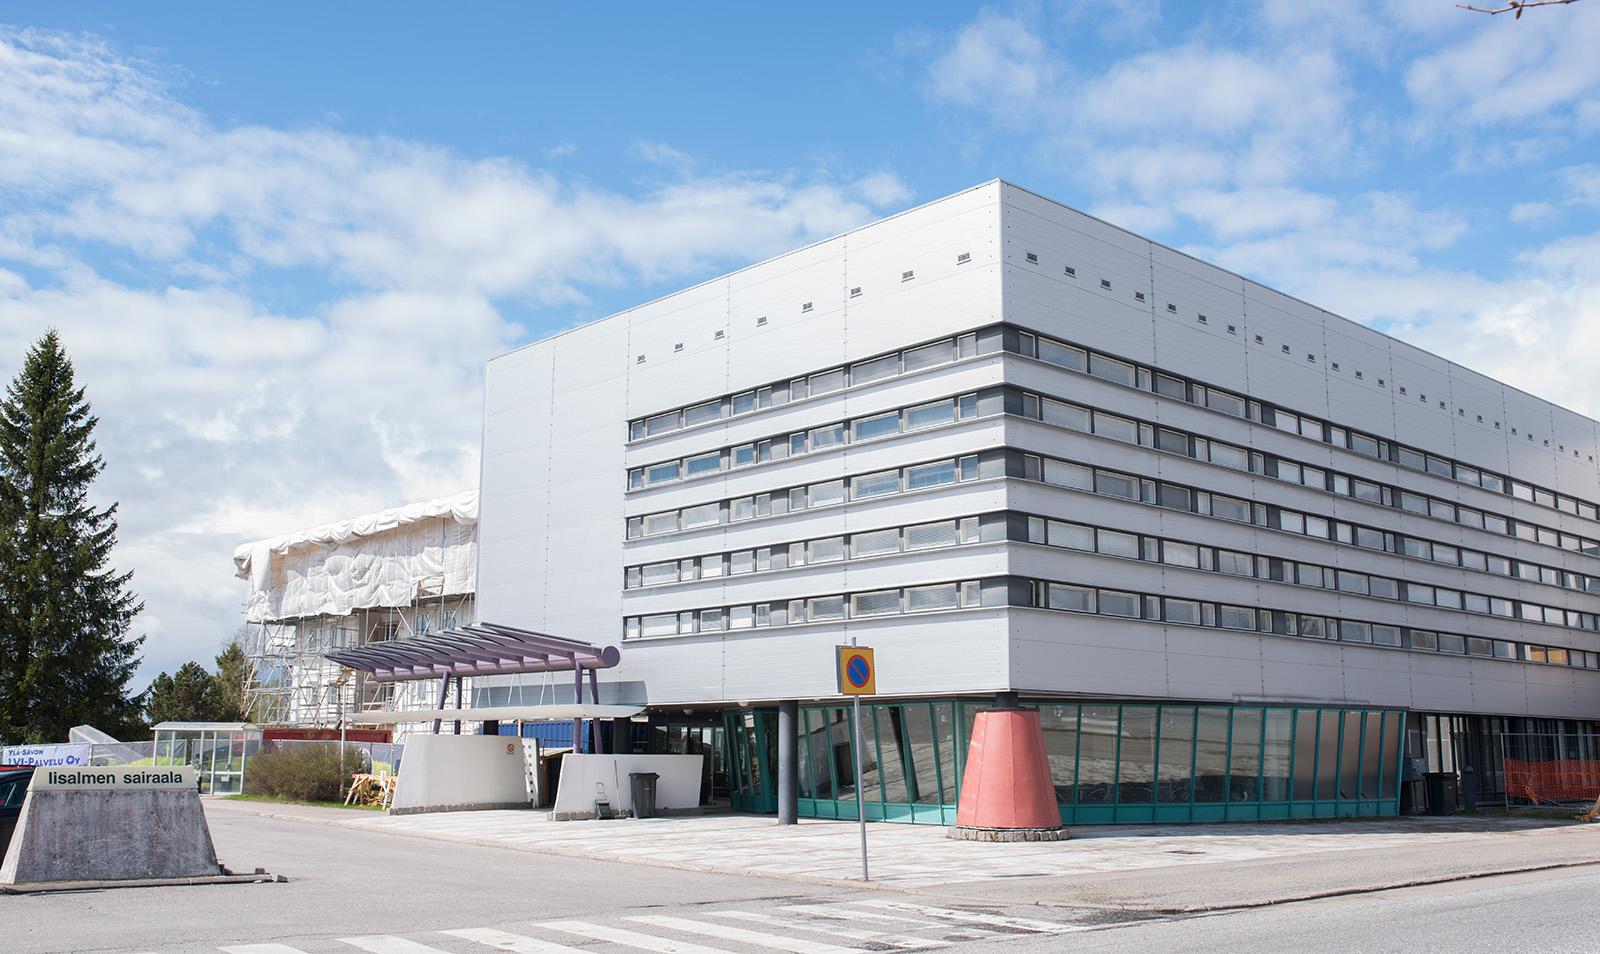 Energiatehokkuuteen panostaminen on tuonut pelkästään Iisalmen sairaalassa noin 30 000 euron vuotuisen säästön energiakuluissa, sairaalateknisen huollon esimies Veikko Honkanen arvioi. (Kuva: Ylä-Savon SOTE)